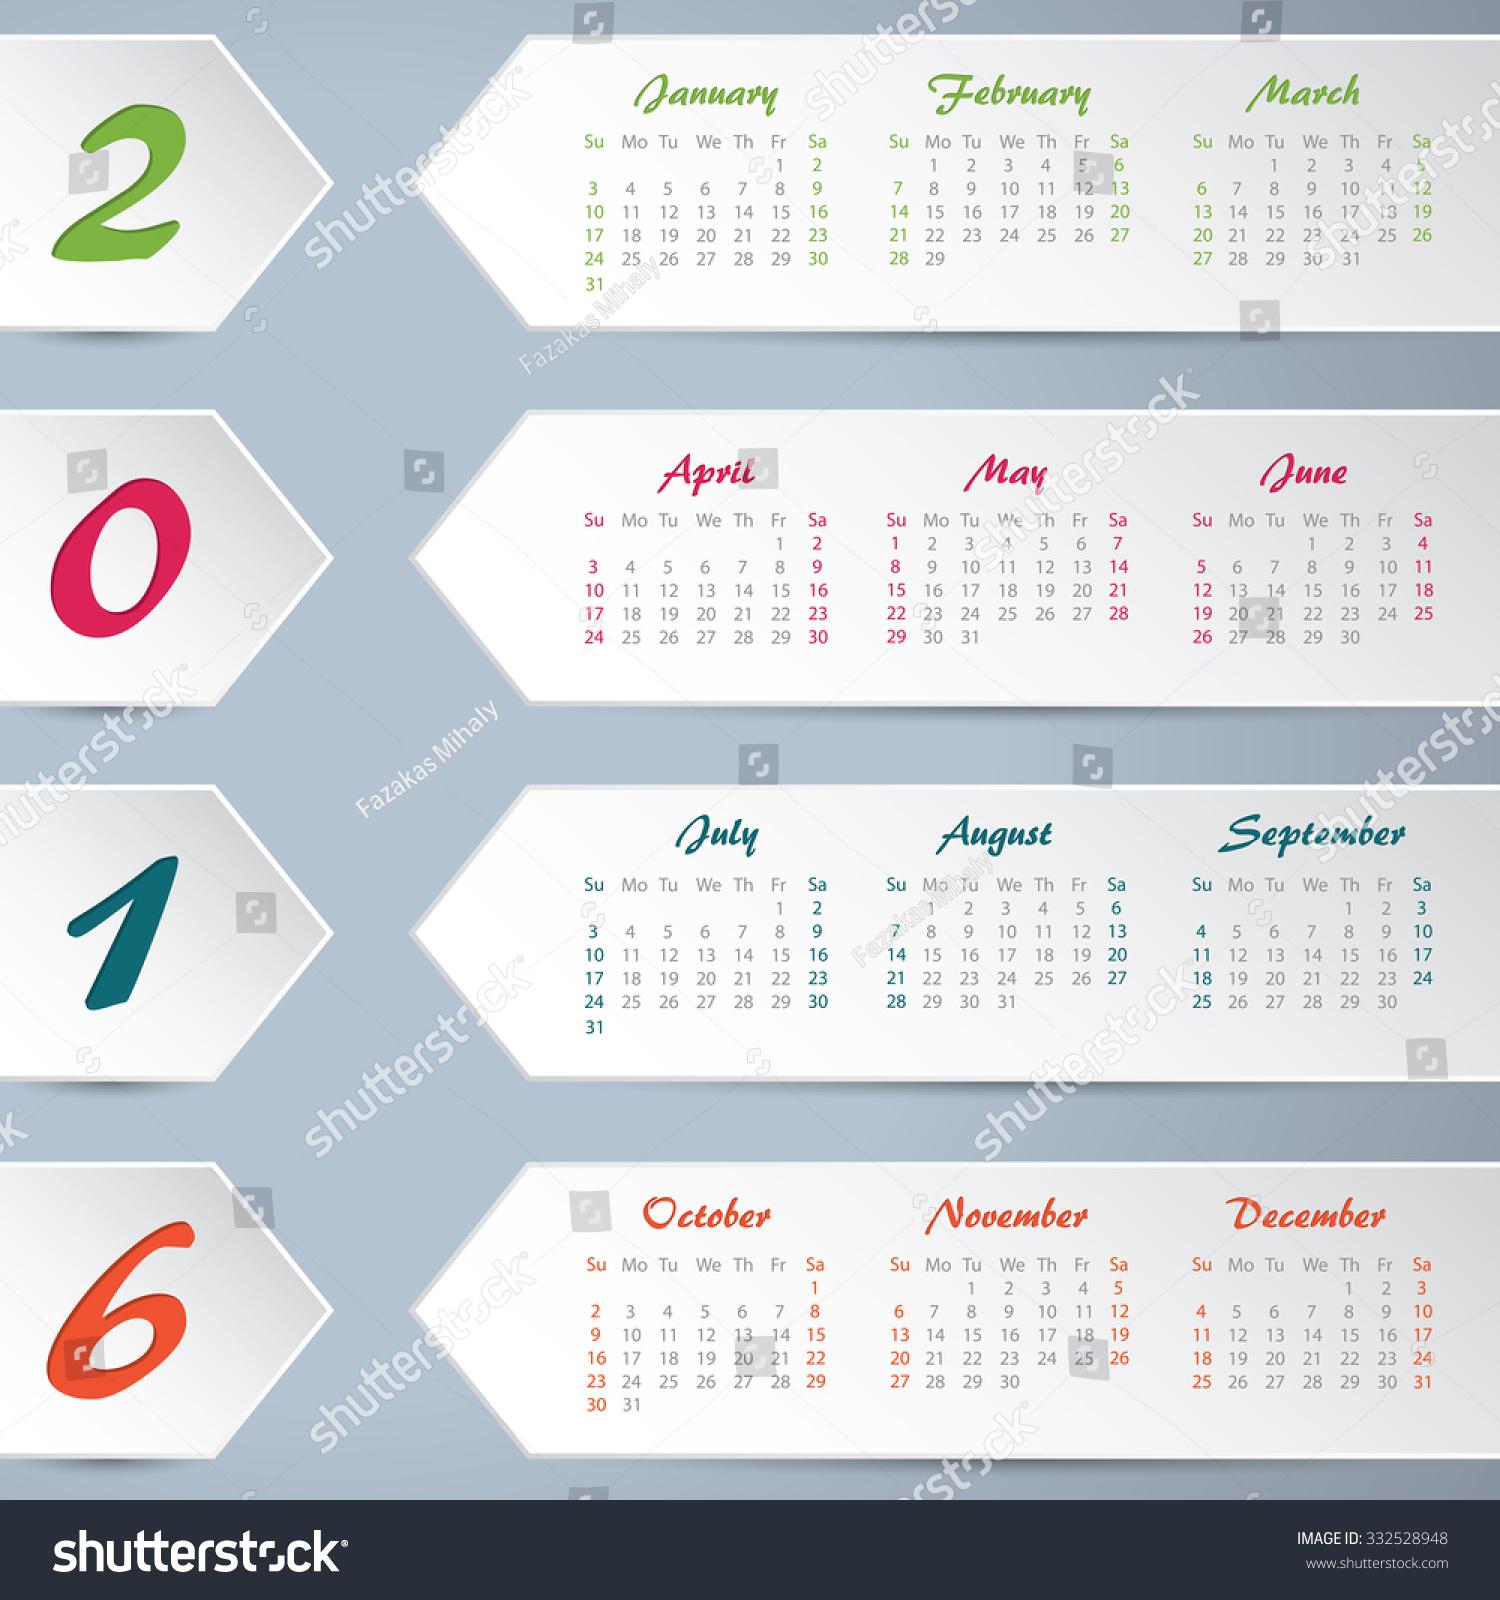 New Calendar Design : New calendar design white arrows stock vector